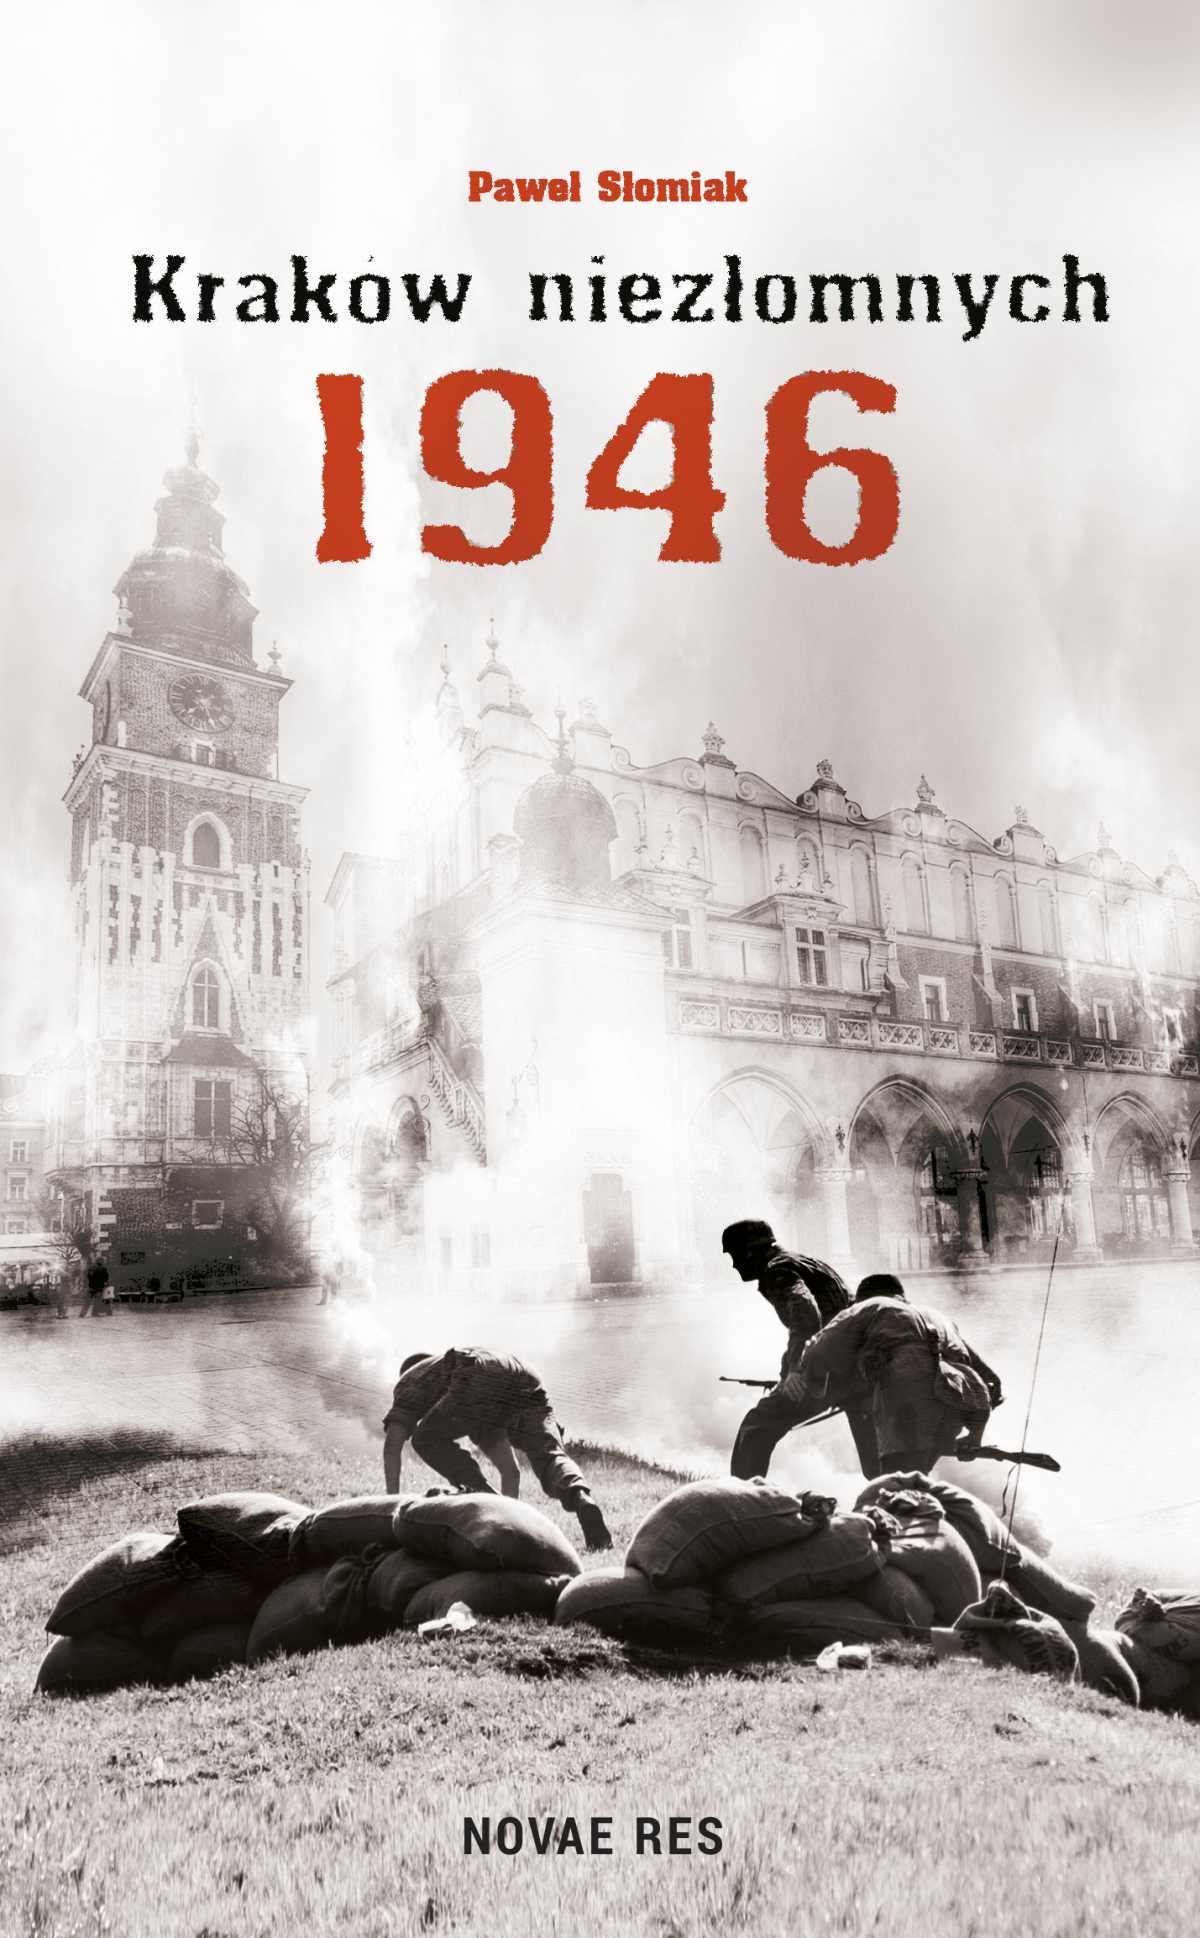 Kraków niezłomnych 1946 - Ebook (Książka EPUB) do pobrania w formacie EPUB